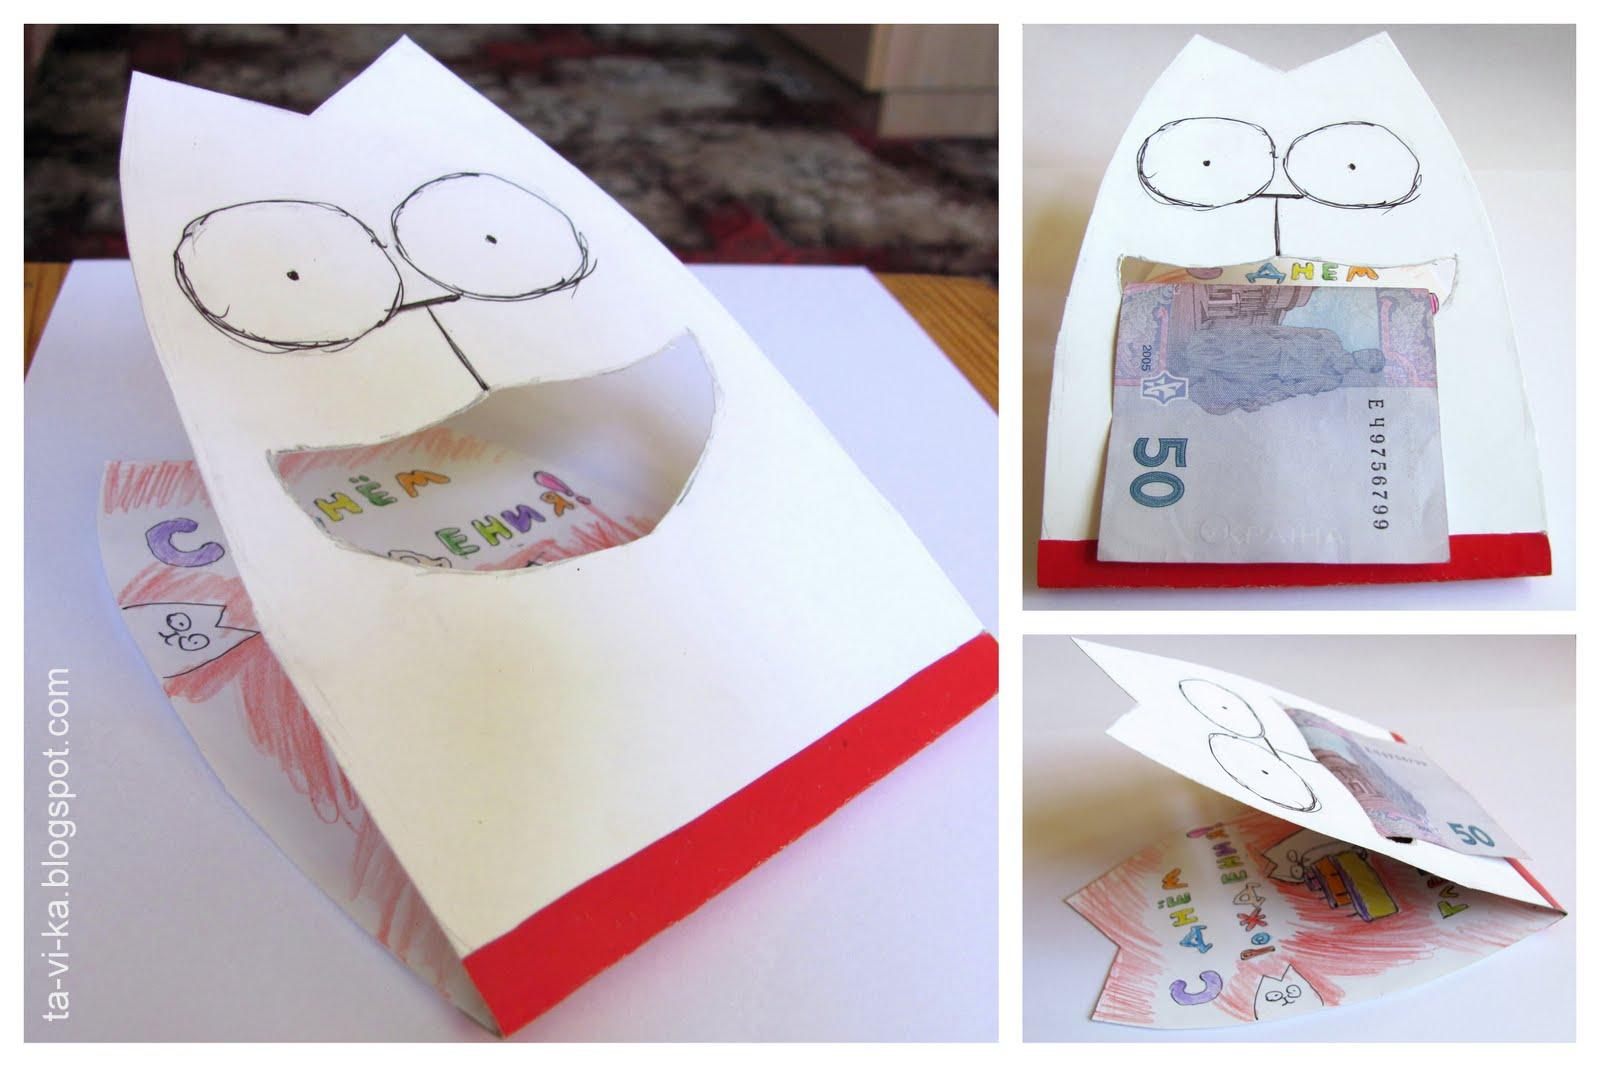 Подарок своими руками на день рождения из бумаги 14